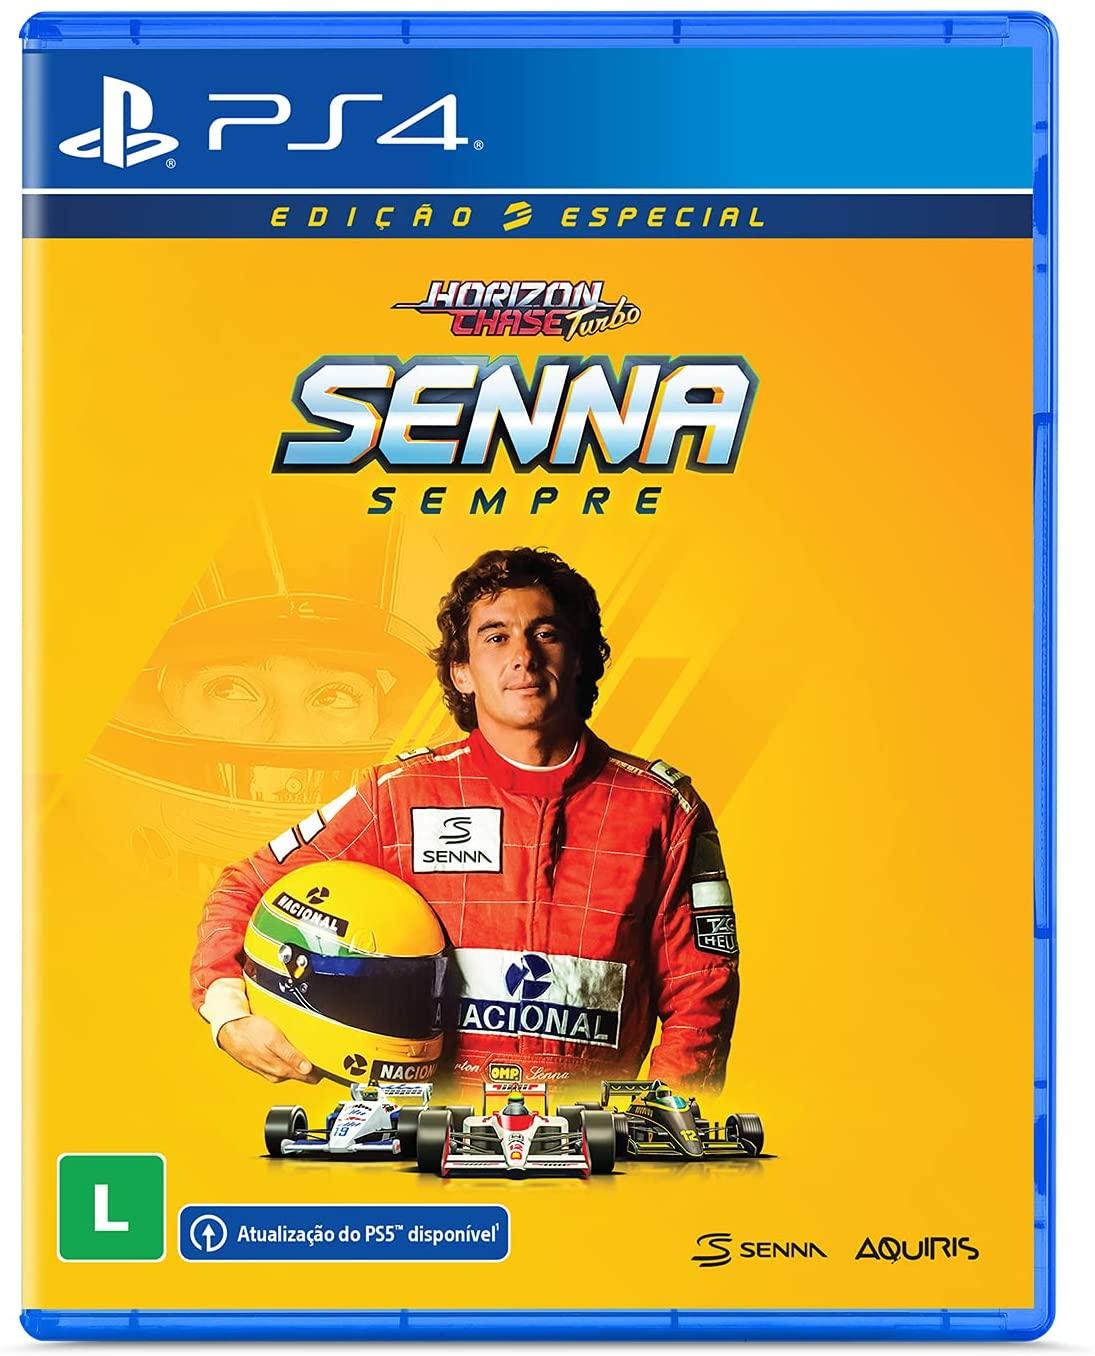 Imagem da capa da edição física de Horizon Chase Turbo Senna Sempre